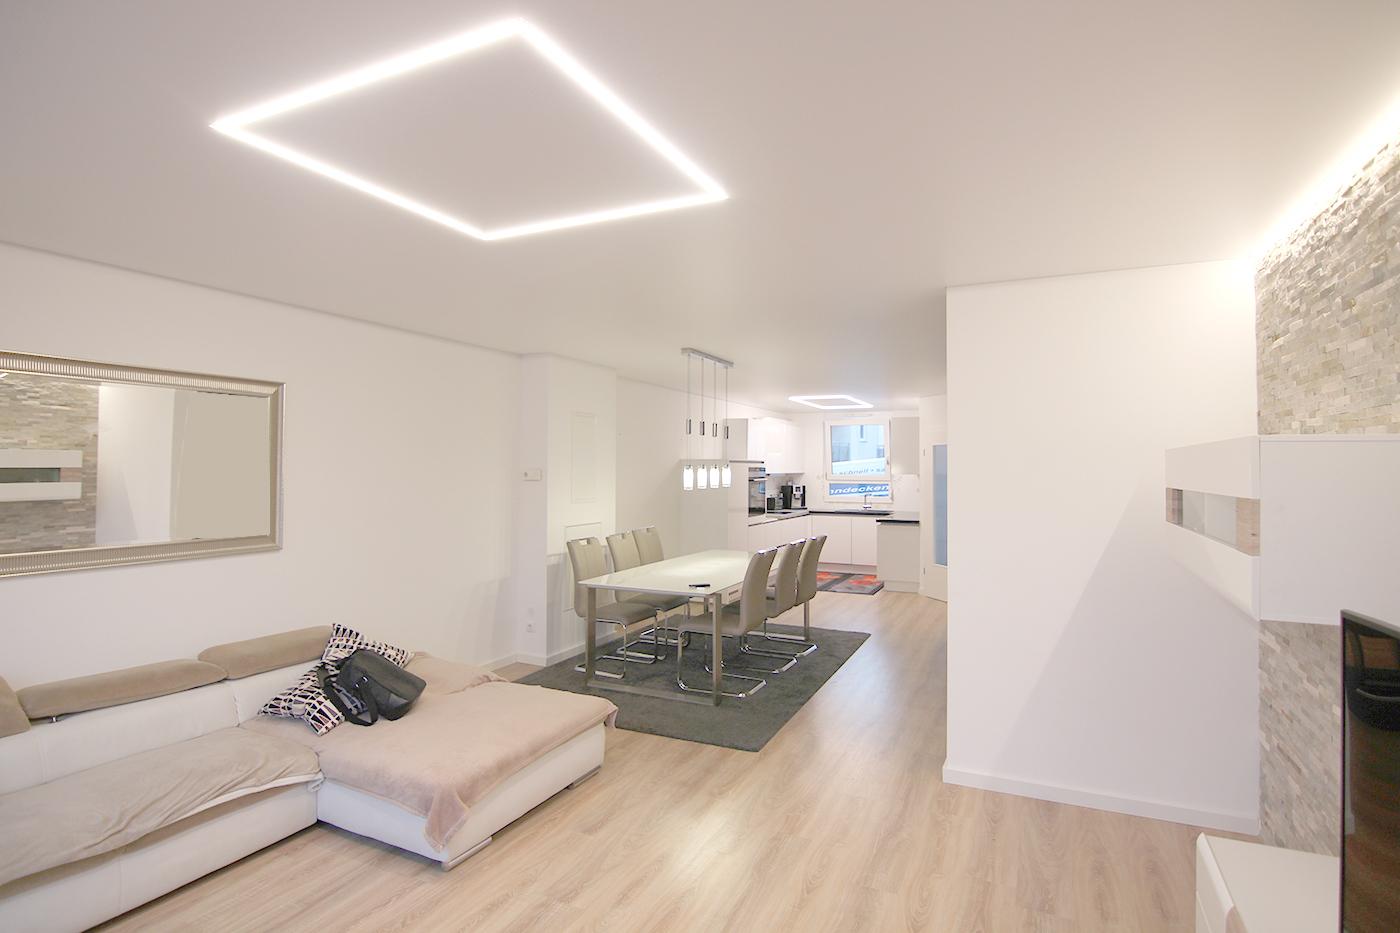 Spanndecke im Wohnzimmer – Kirchhausen – Spanndeckenstudio